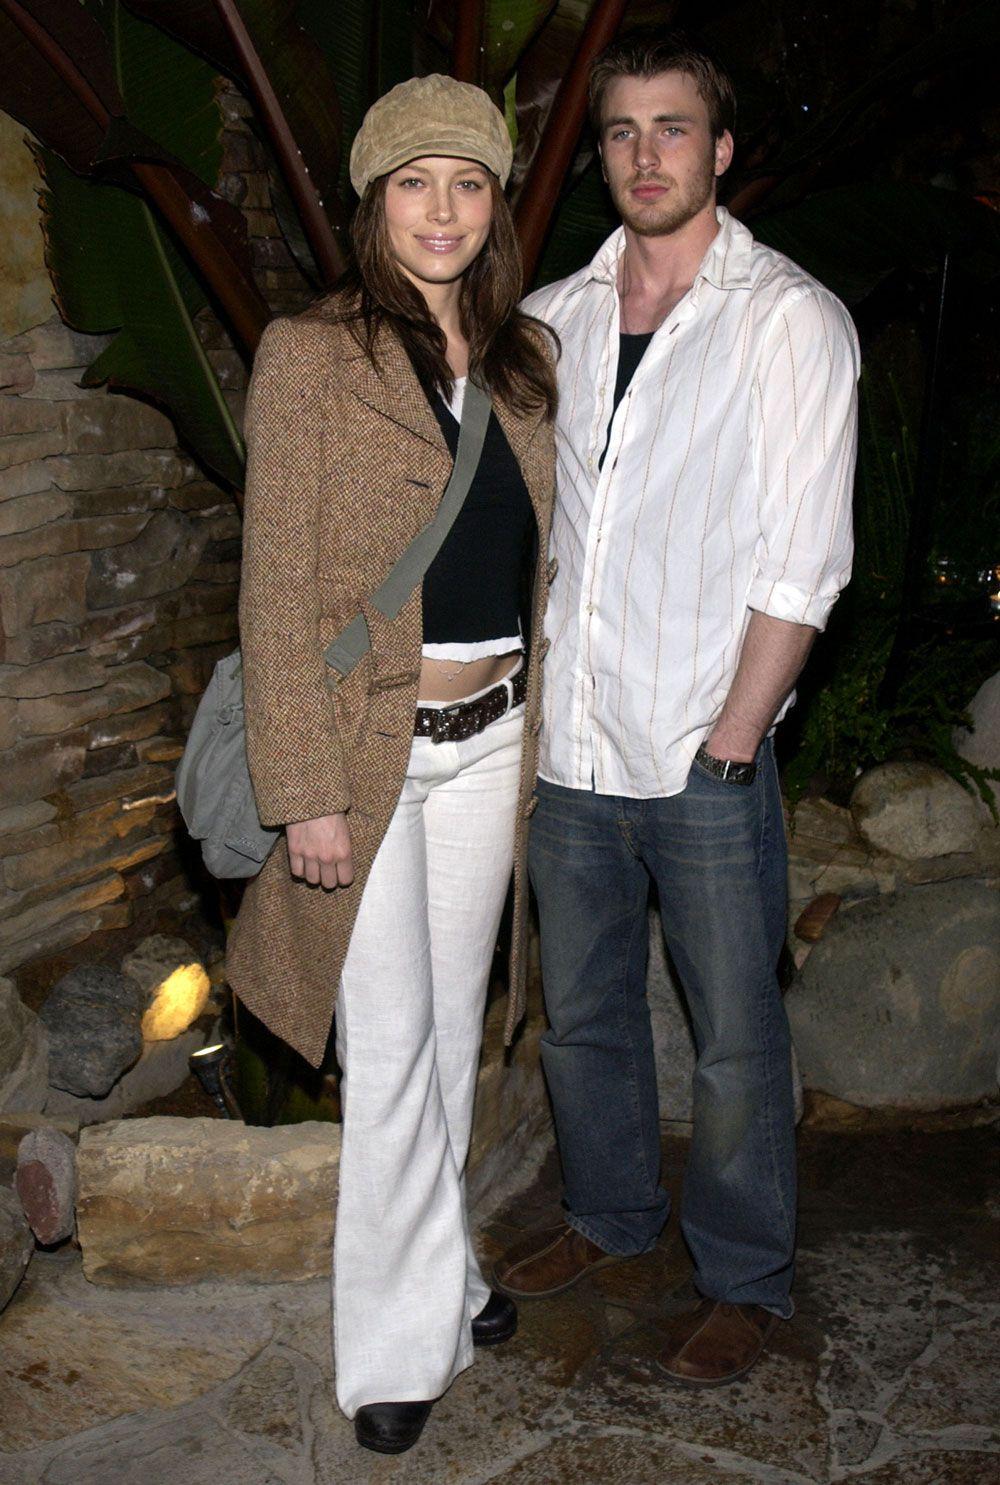 Jessica Biel dating WDW